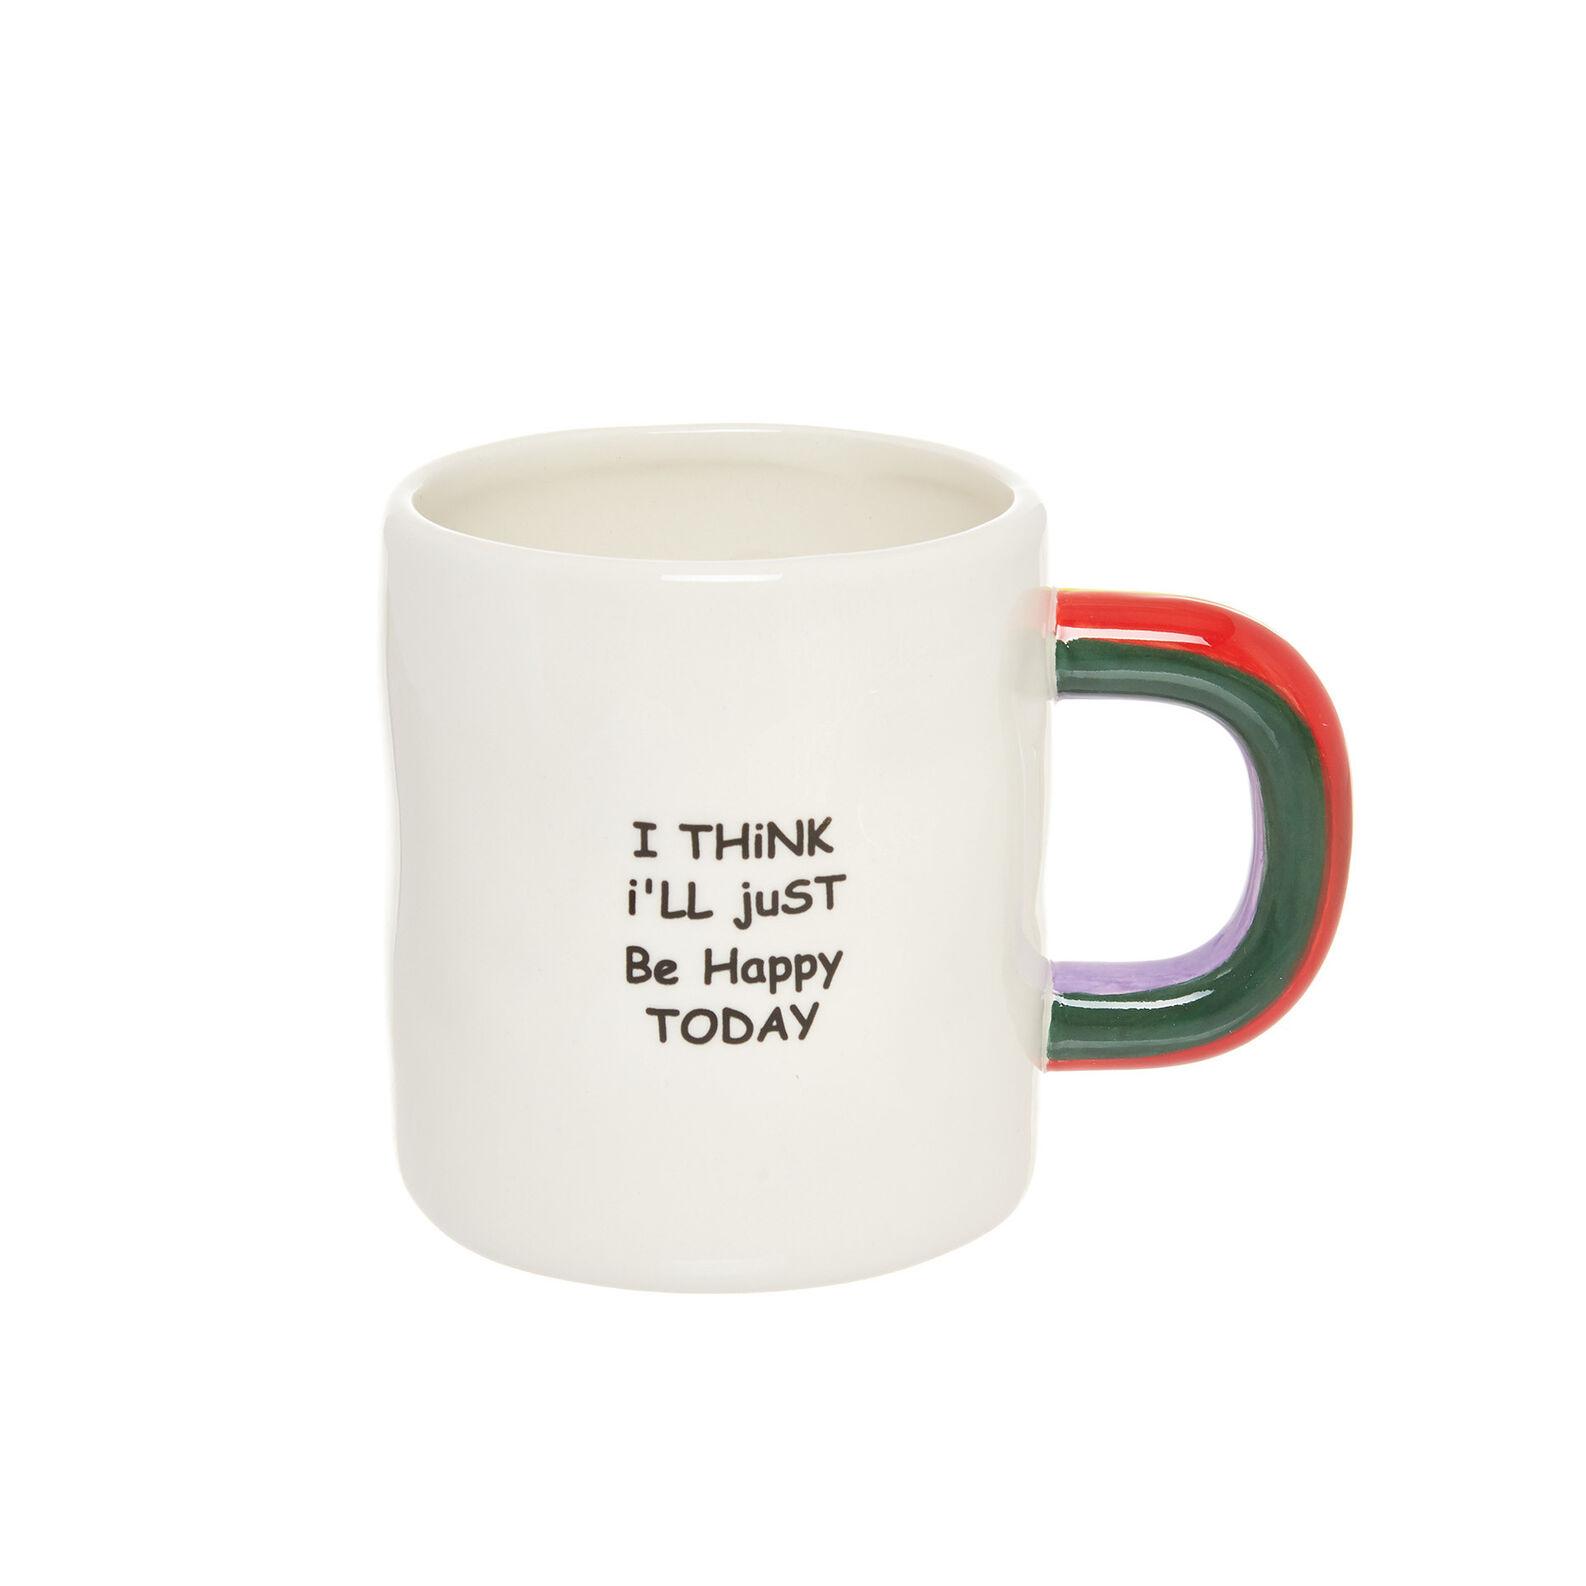 I think ceramic mug